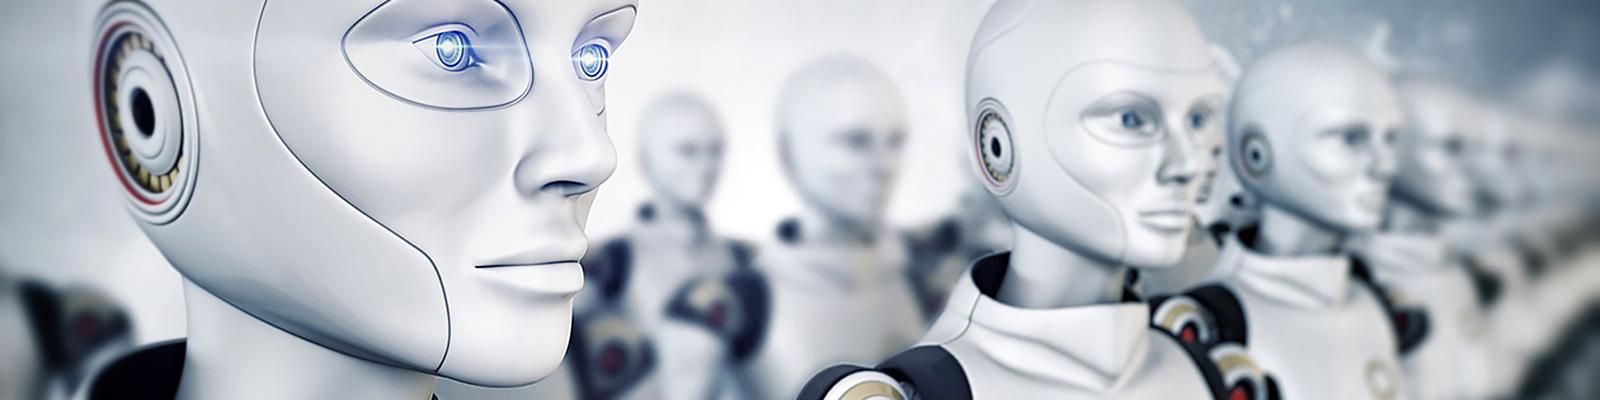 ロボット イメージ